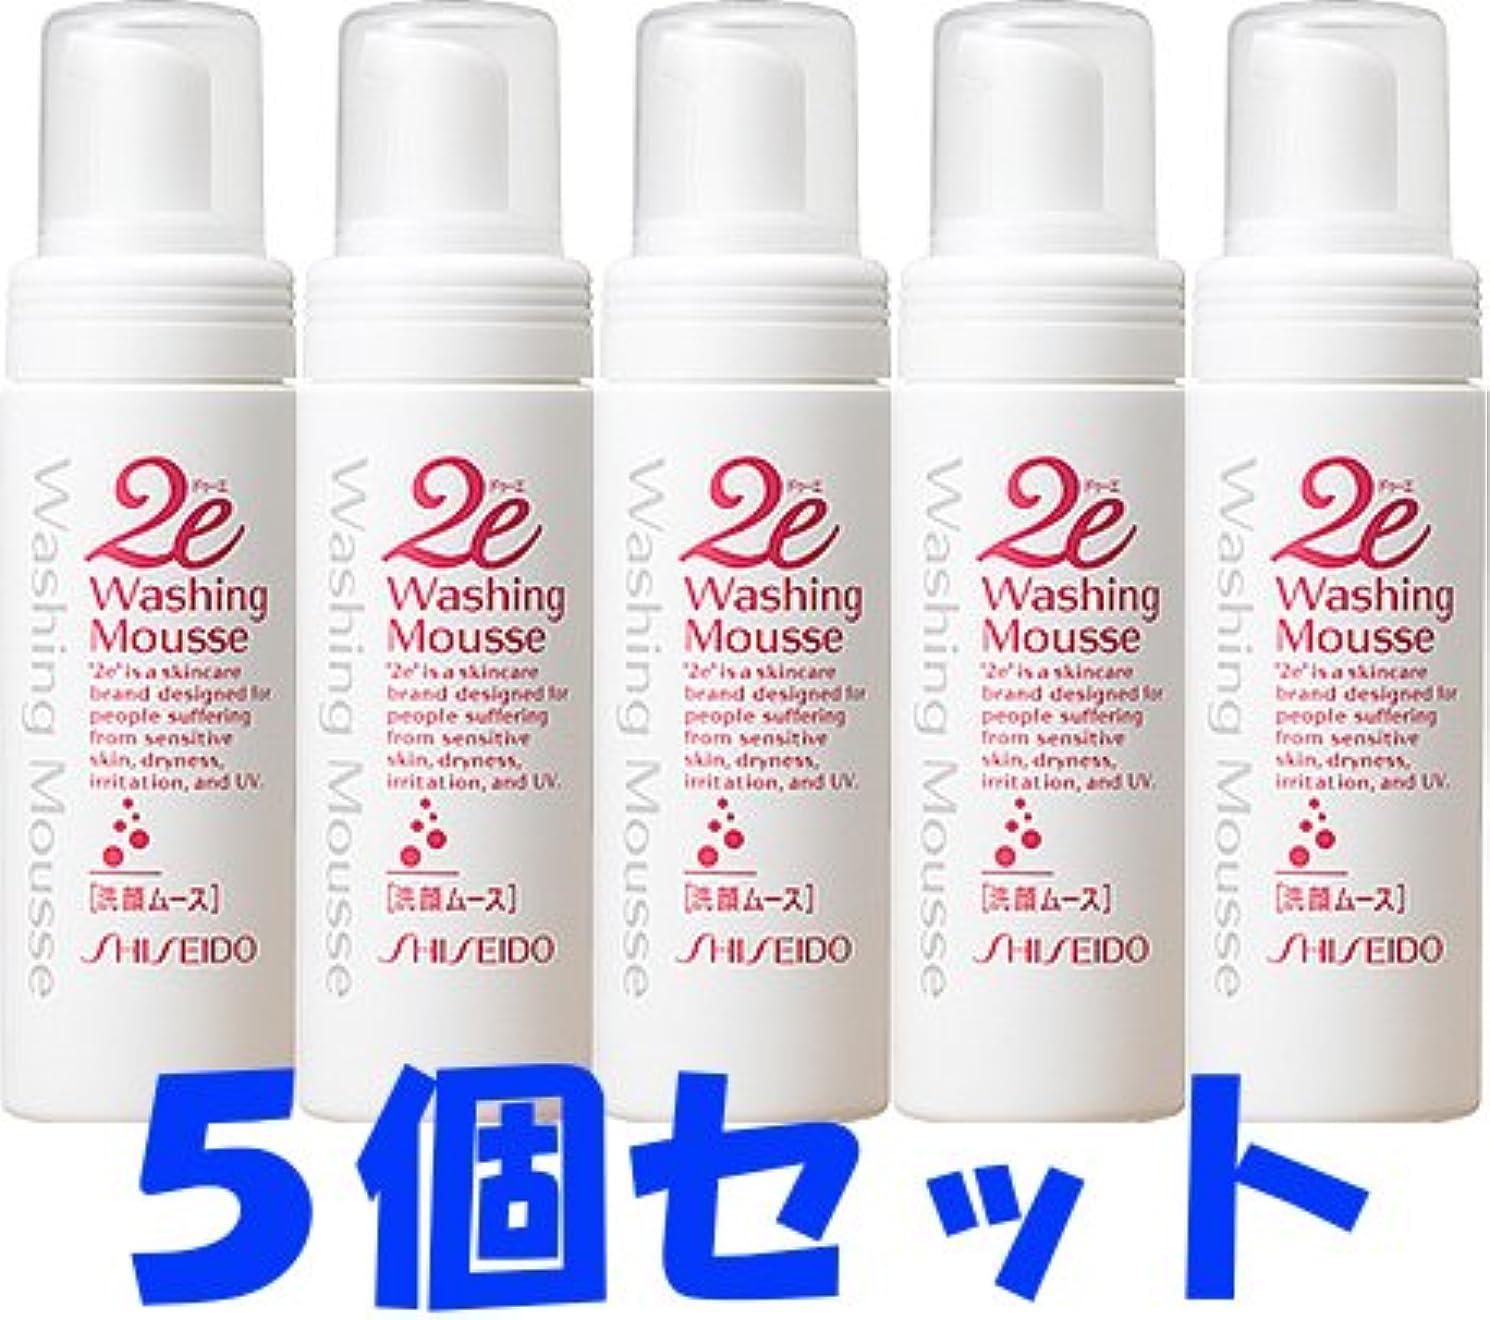 ウィンク岩コレクション【5個セット】資生堂 2e ドゥーエ 洗顔ムース 120ml